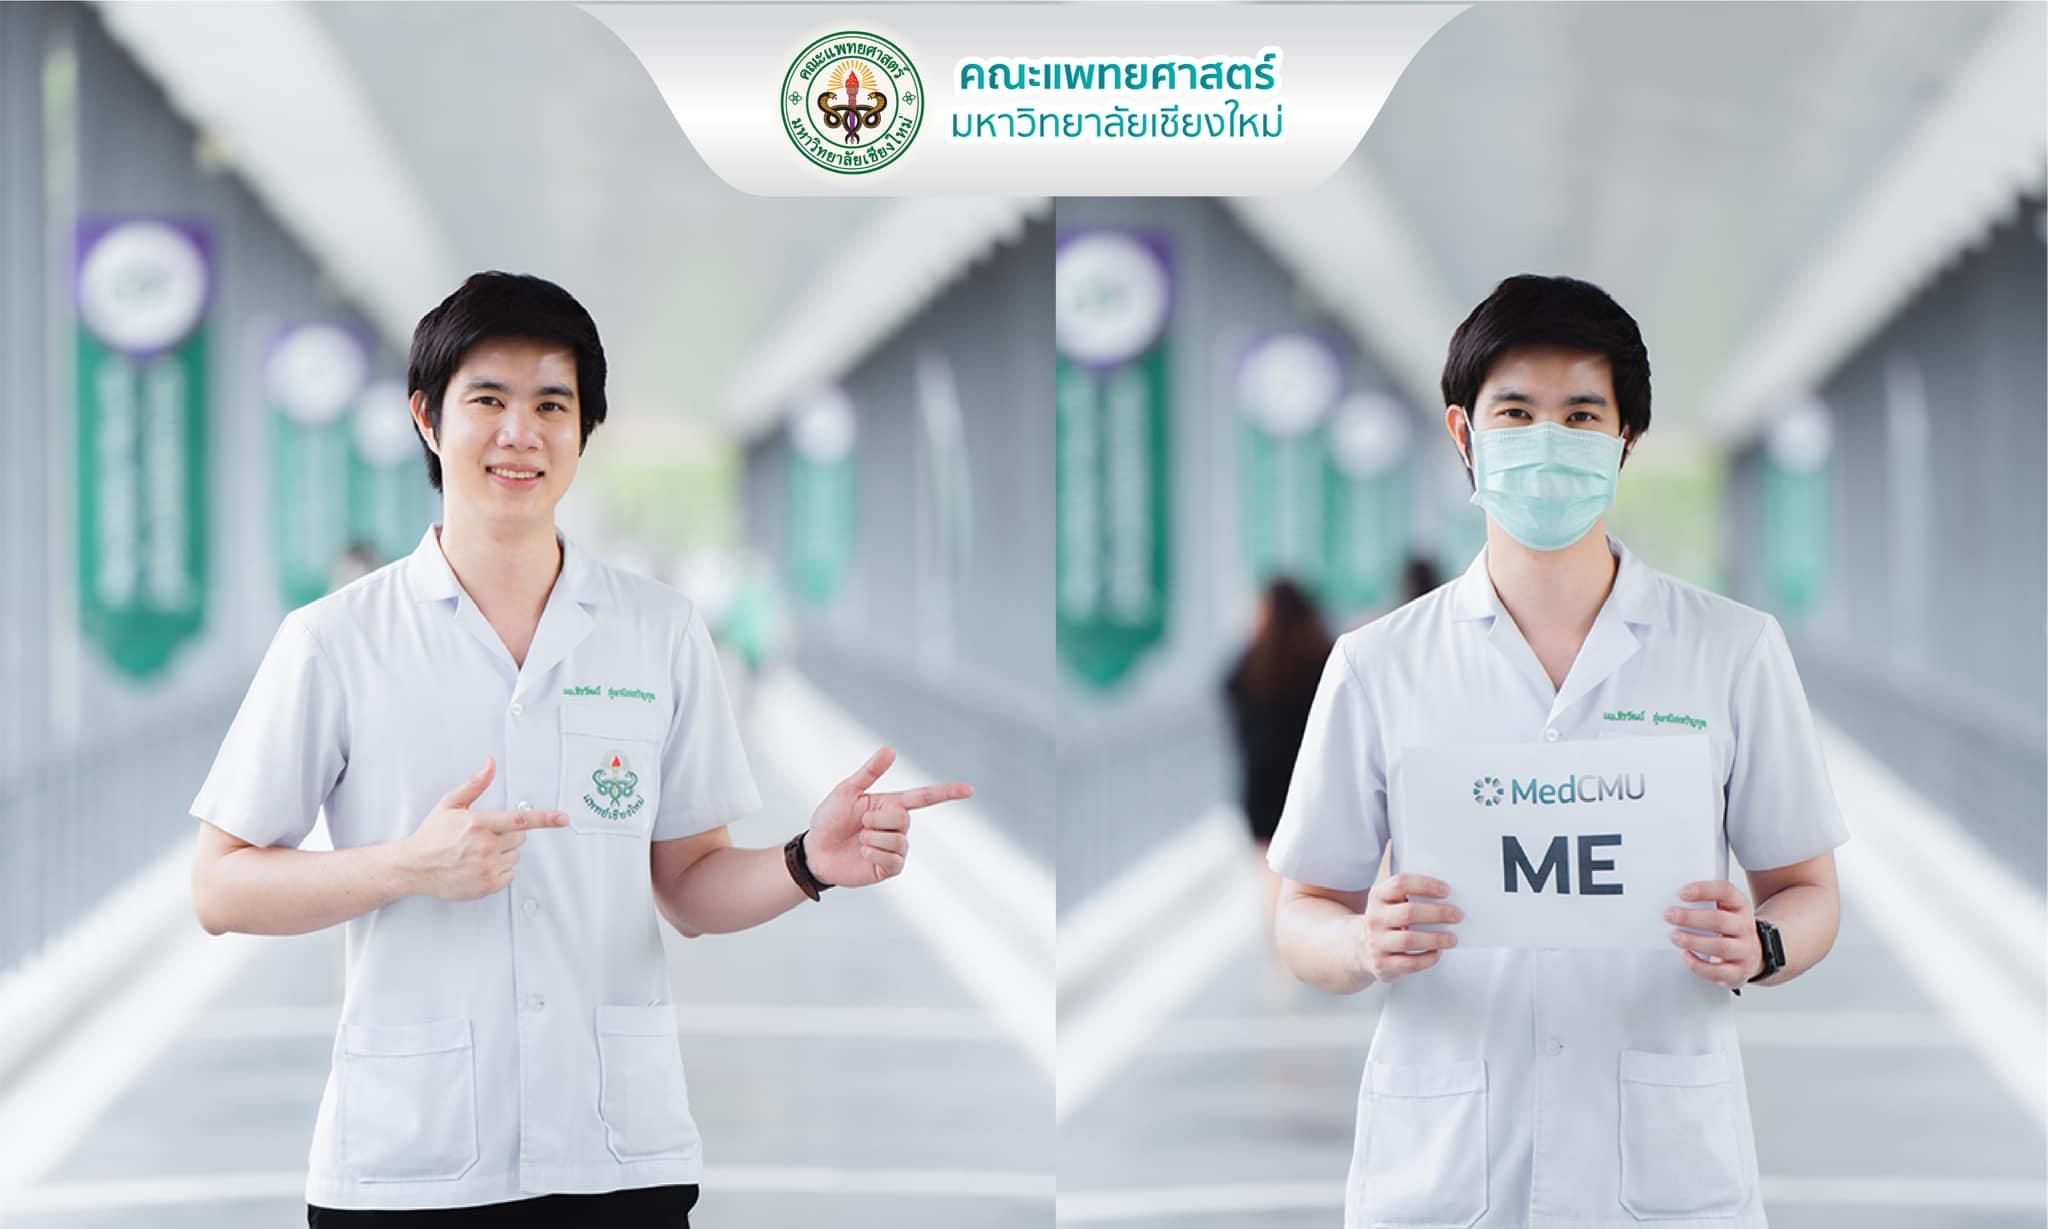 คณะแพทยศาสตร์ มหาวิทยาลัยเชียงใหม่